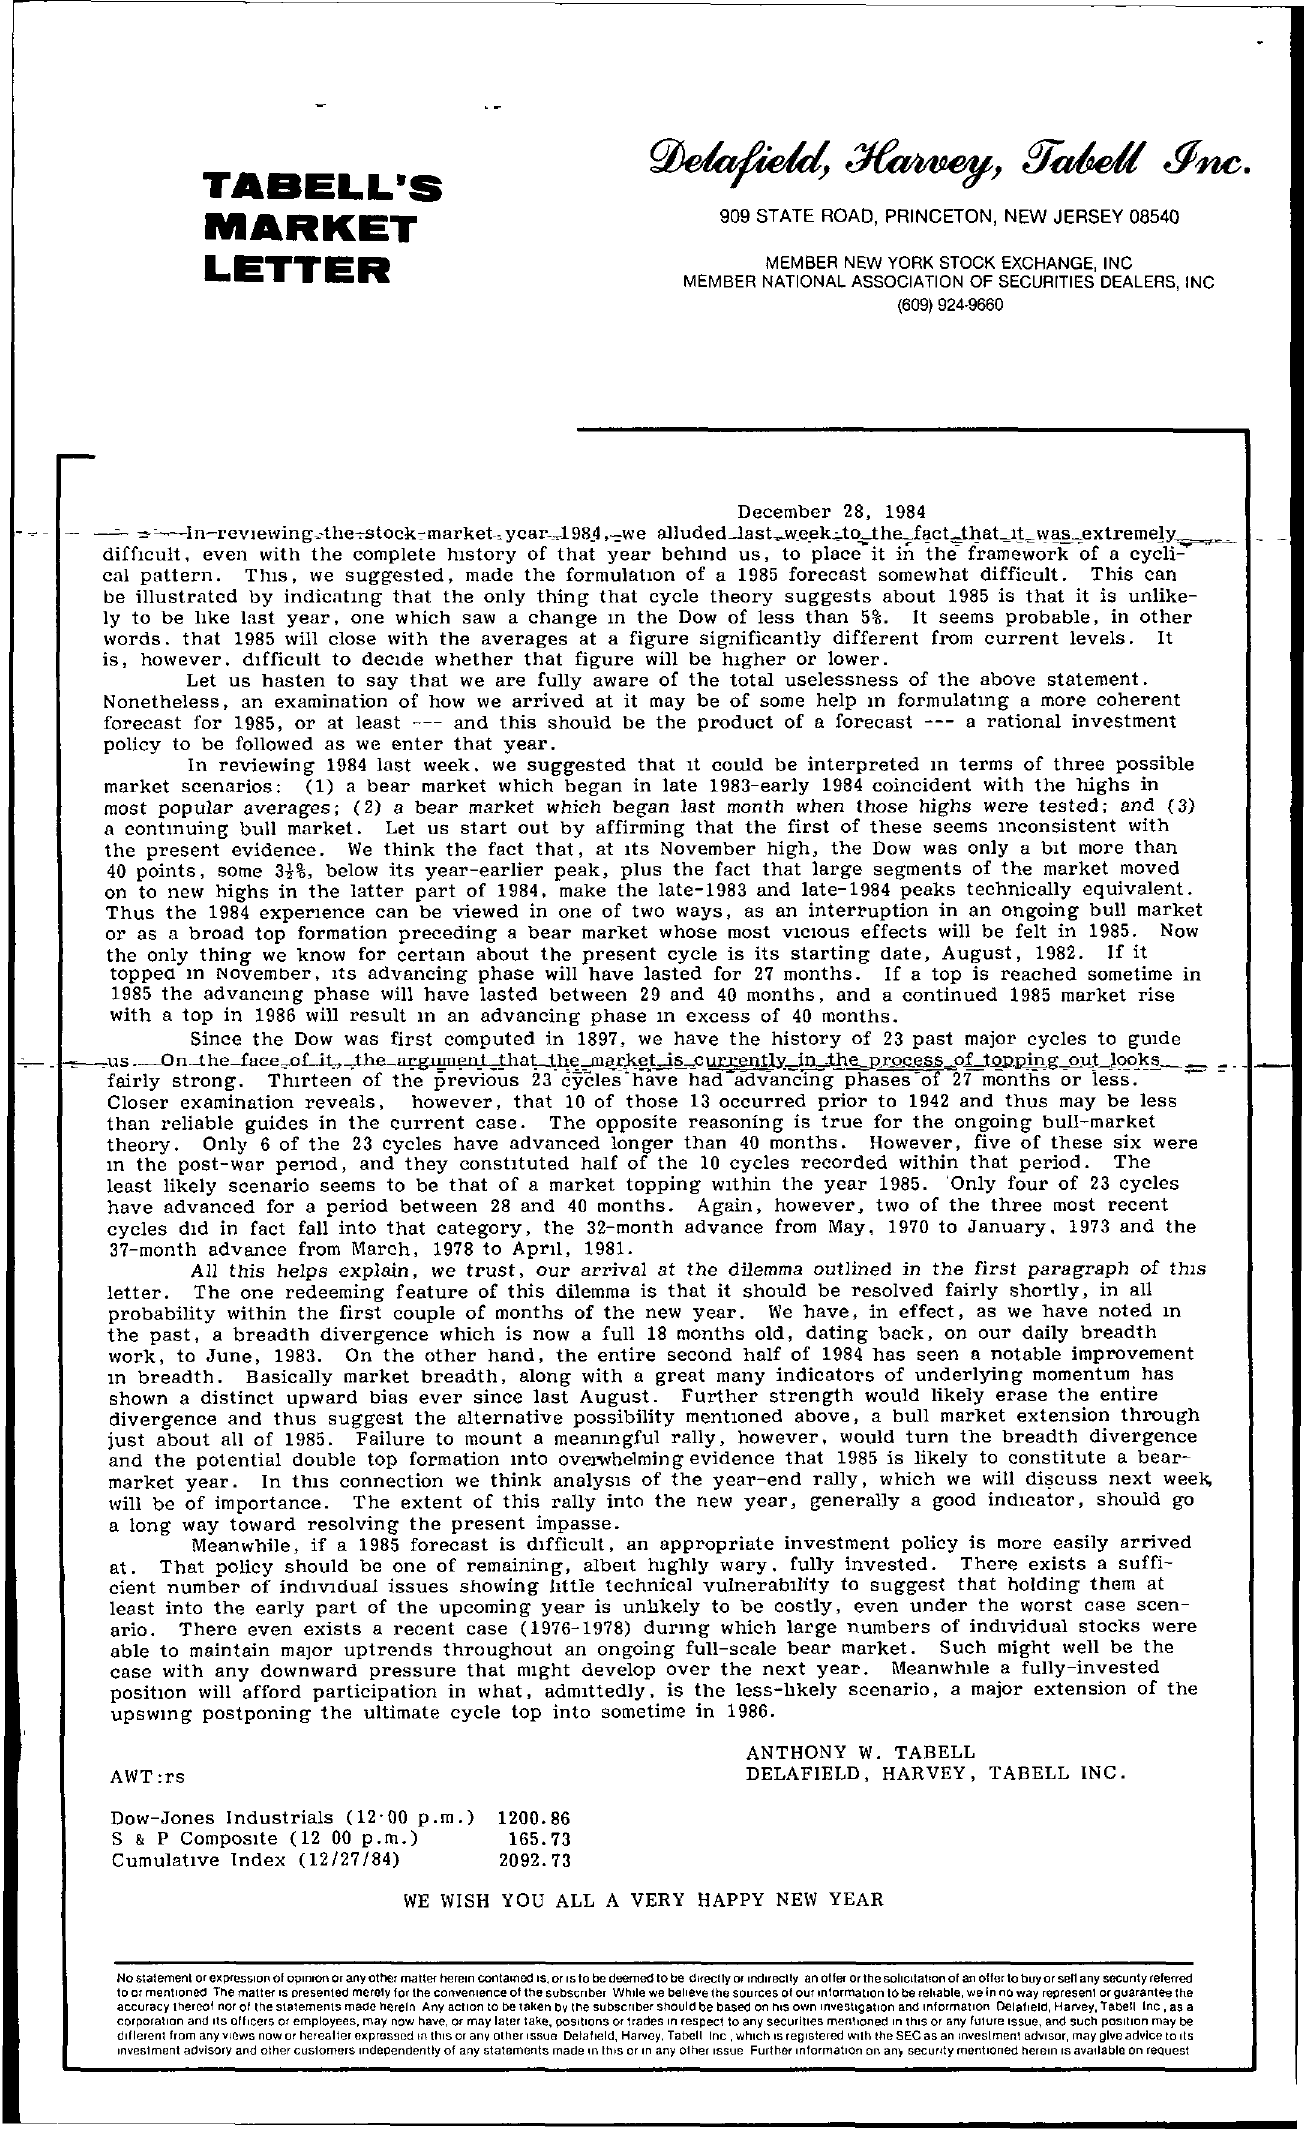 Tabell's Market Letter - December 28, 1984